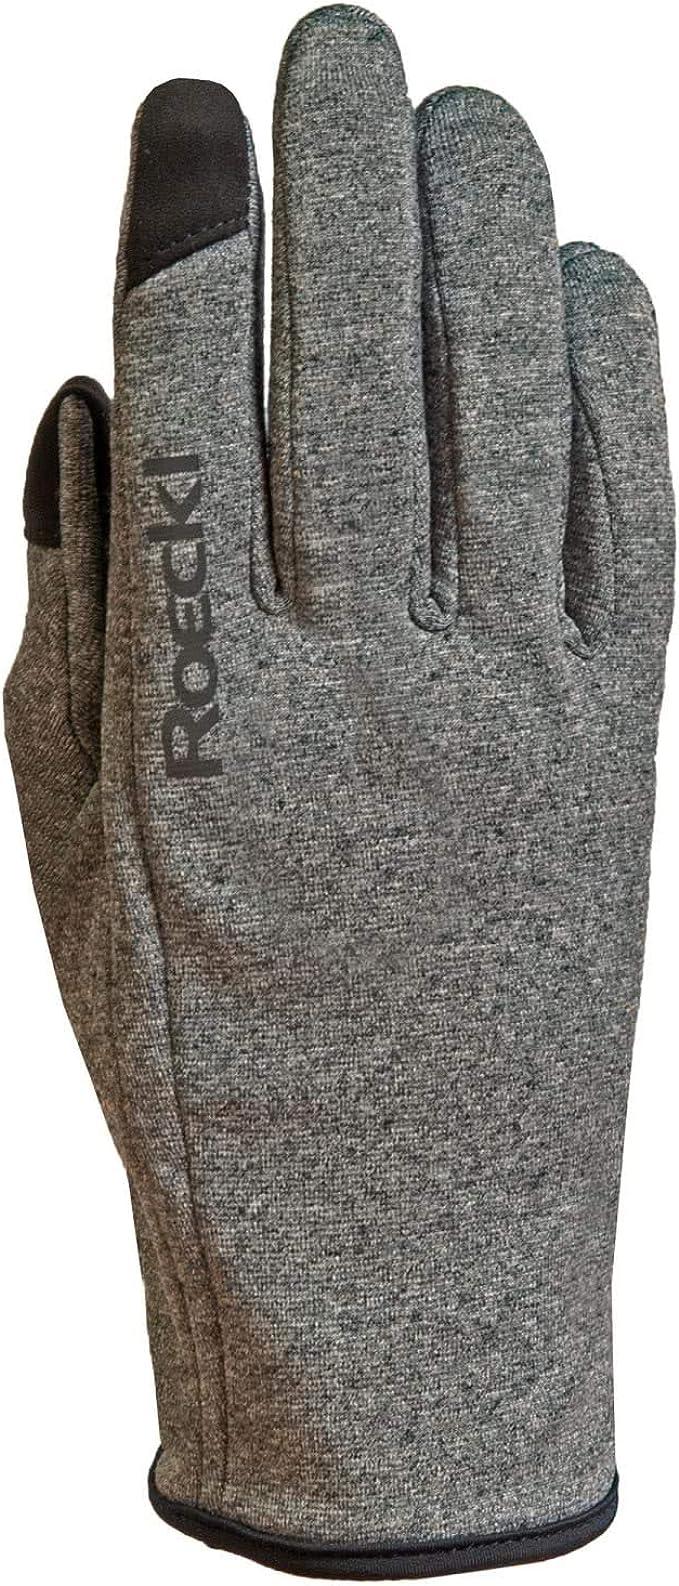 Roeckl Unisex Sporthandschuhe Laufhandschuhe Softshellhandschuhe Konstanz